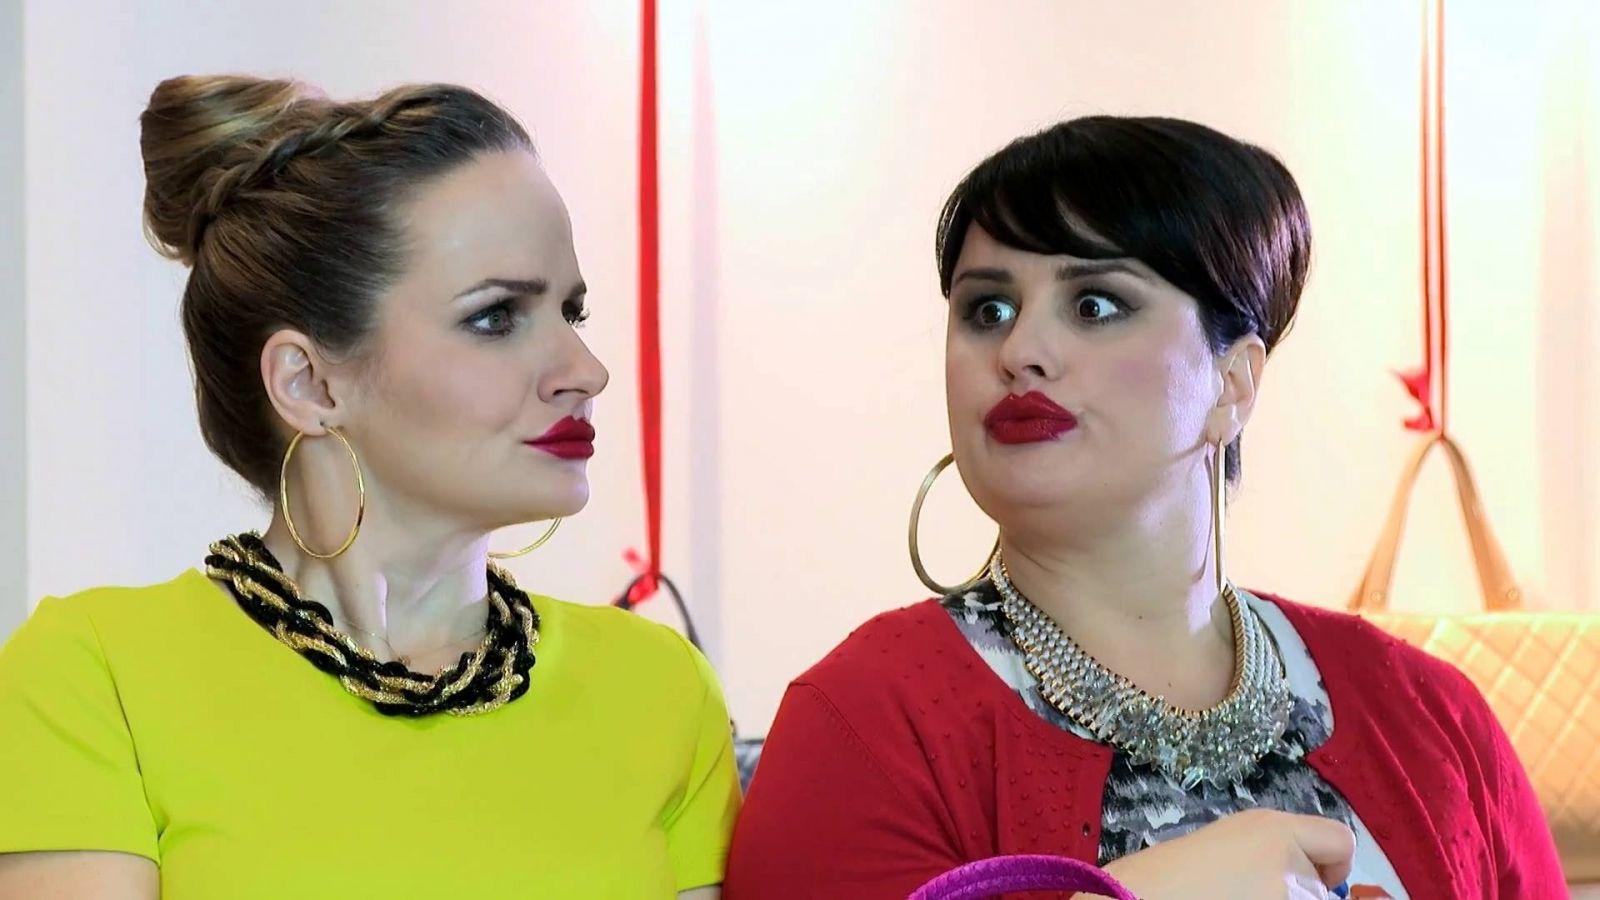 Video: Film Cuky Luky bude mať premiéru v apríly. Trailer sa stáva virálnym hitom